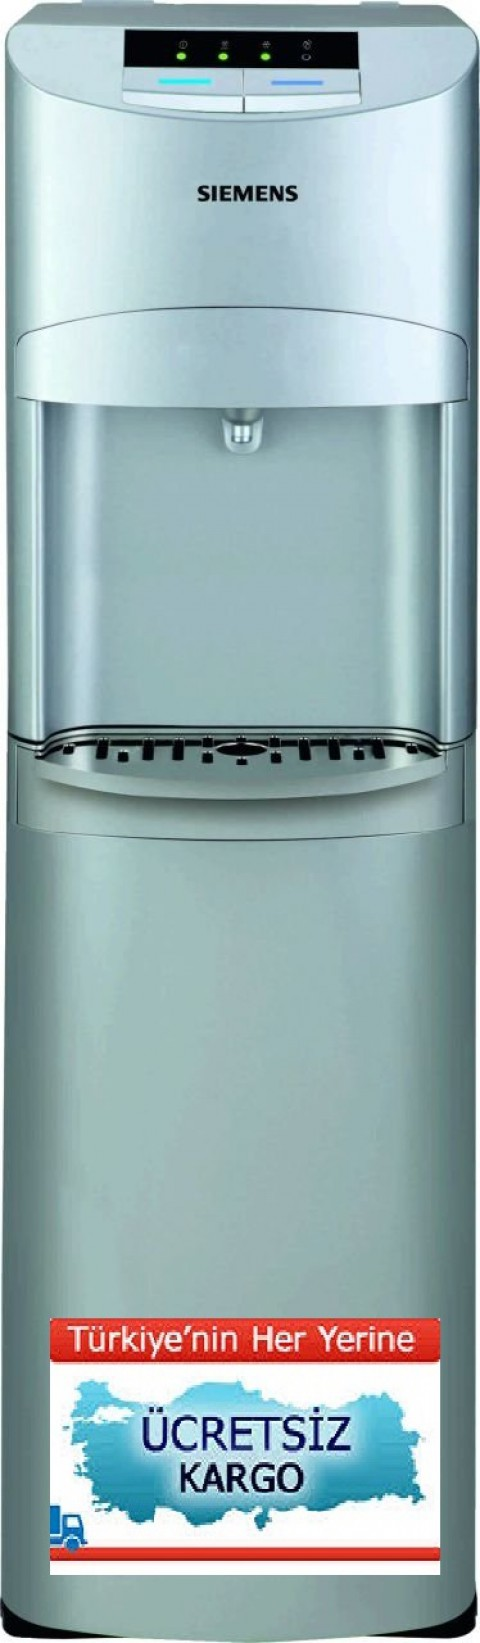 Siemens DW15701 Gizli Damacanalı Su Sebili